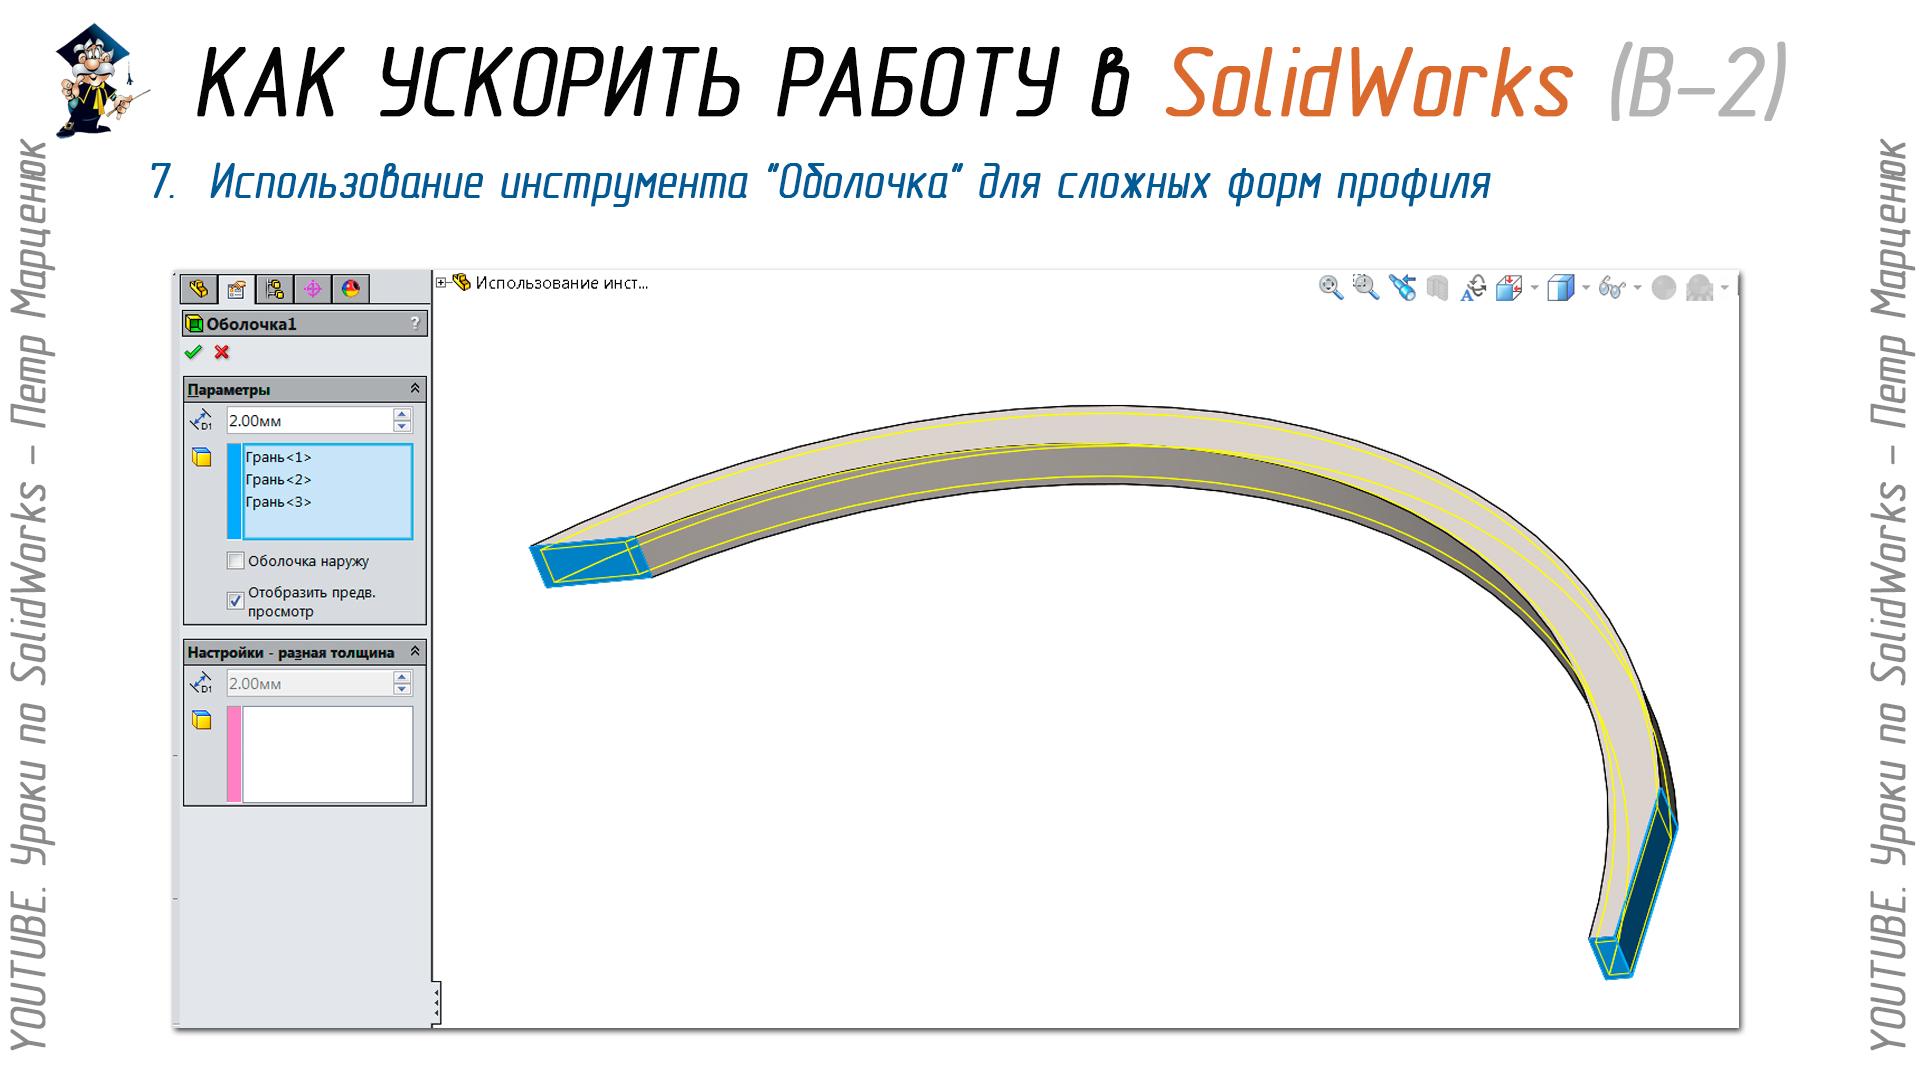 Использование инструмента «Оболочка» для сложных форм профиля